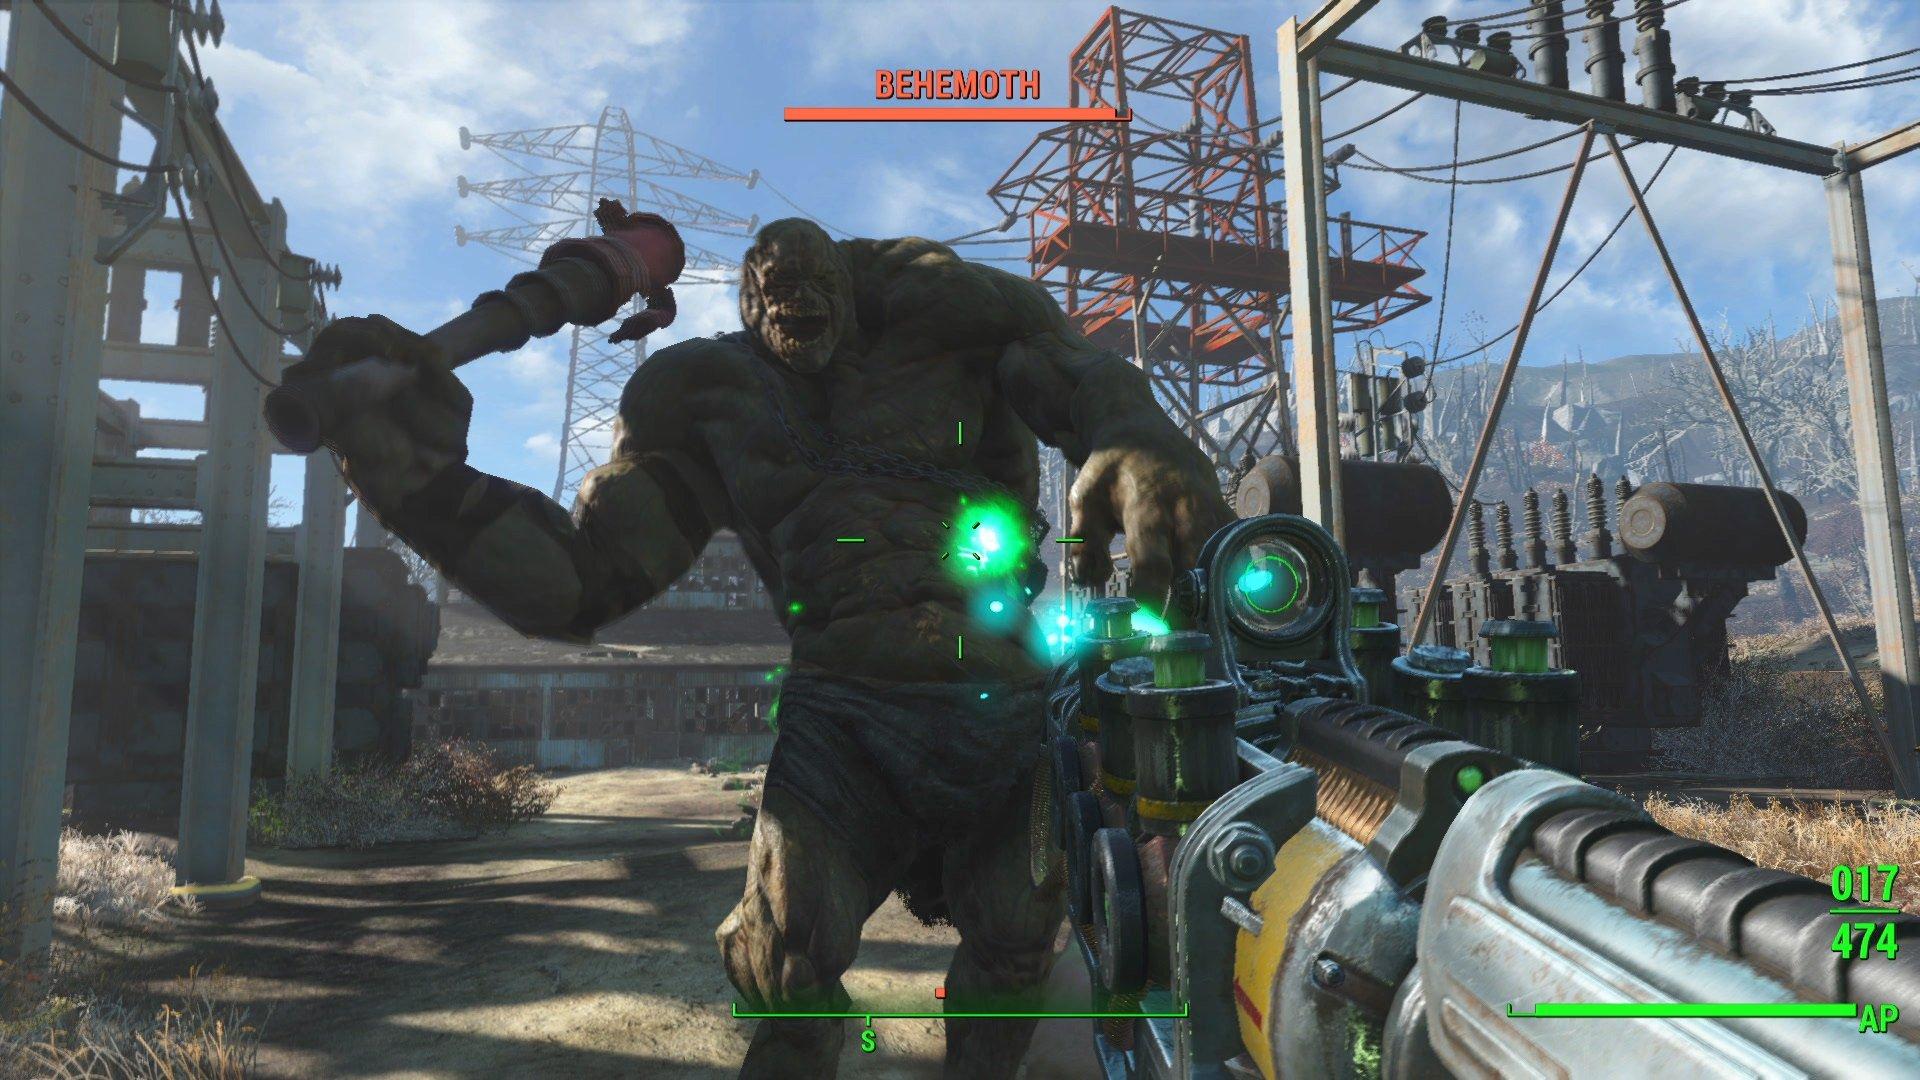 Il Behemoth torna anche in Fallout 4. Nel suo caso il revamp grafico è più che evidente.